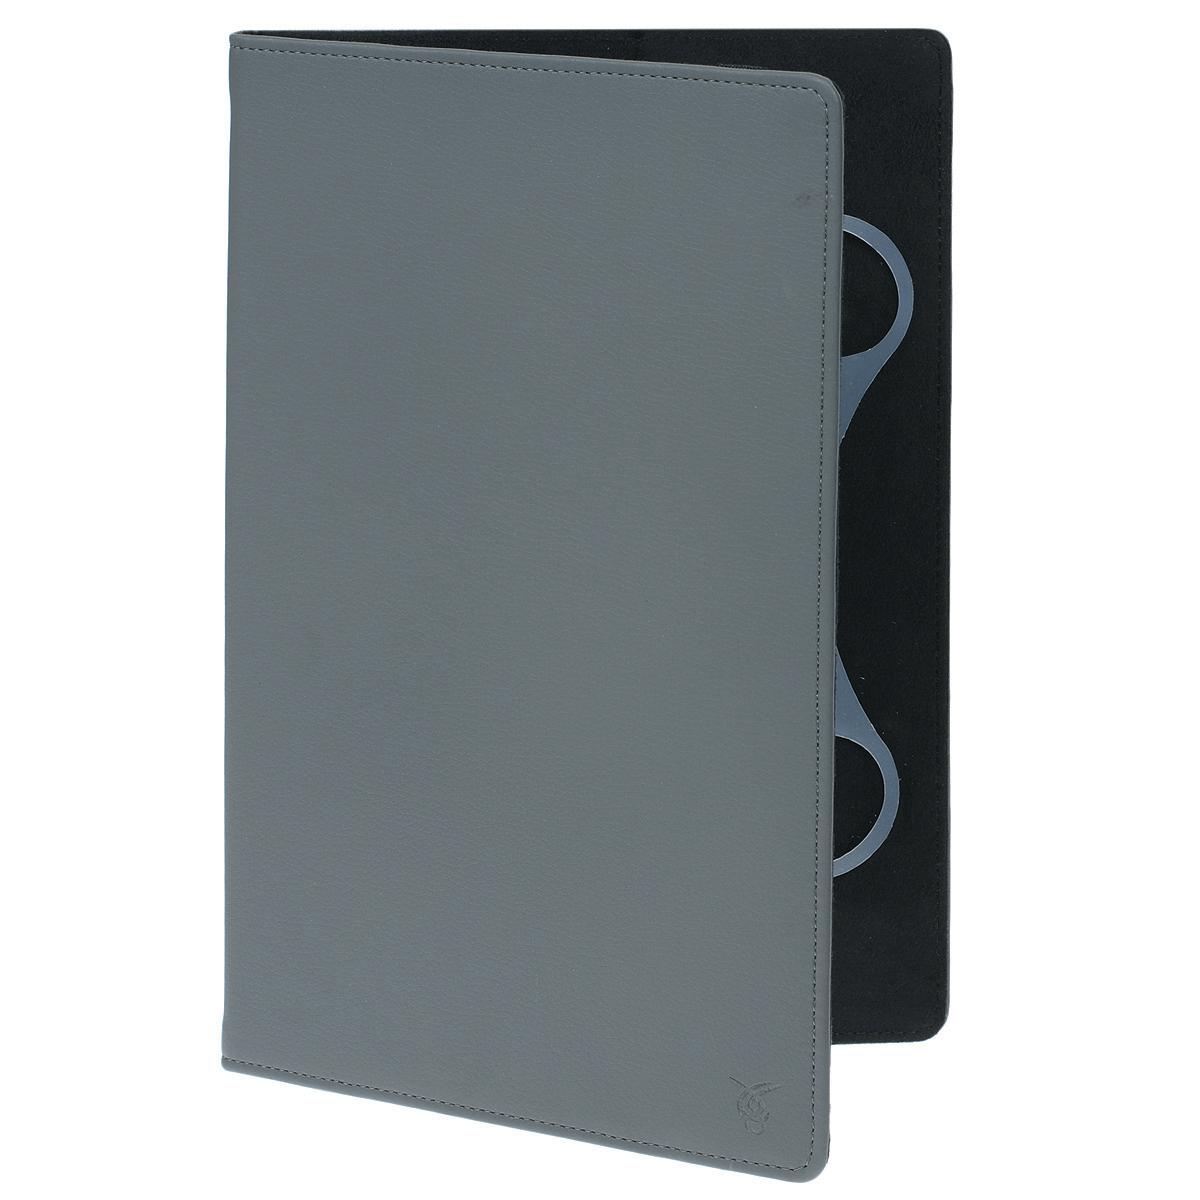 Vivacase Basic универсальный чехол-обложка для планшетов 11, Gray (VUC-CM011-gr)VUC-CM011-grУниверсальный чехол-обложка Viva Basic для планшетов 11, который подходит для любых популярных планшетов с диагональю дисплея в 11 дюймов. Он изготовлен из качественной ПУ-кожи, которой обтянут прочный каркас, защищающий устройство во время падений. Внутренняя часть отделана мягкой подкладкой, которая не оставляет никаких следов на корпусе и дисплее.